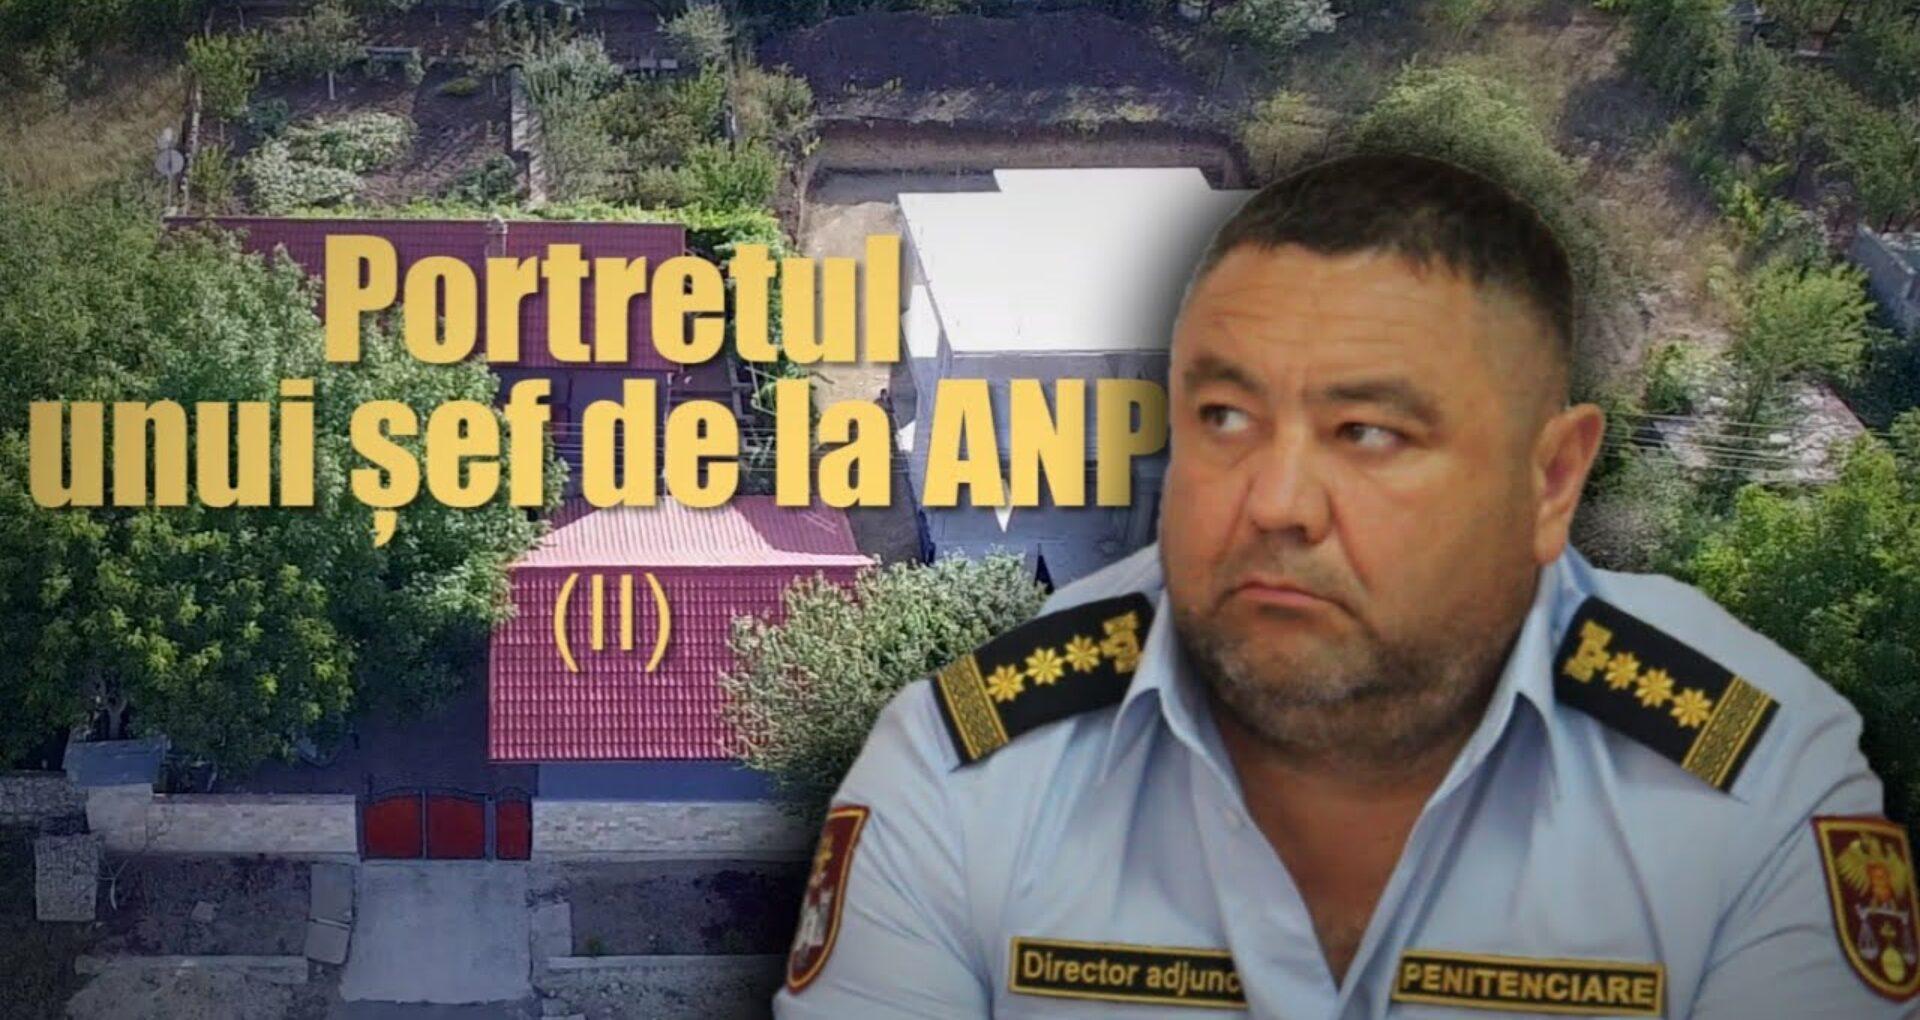 Directorul adjunct al ANP Serghei Demcenco a fost reținut. ZdG a scris anterior despre problemele sale de integritate